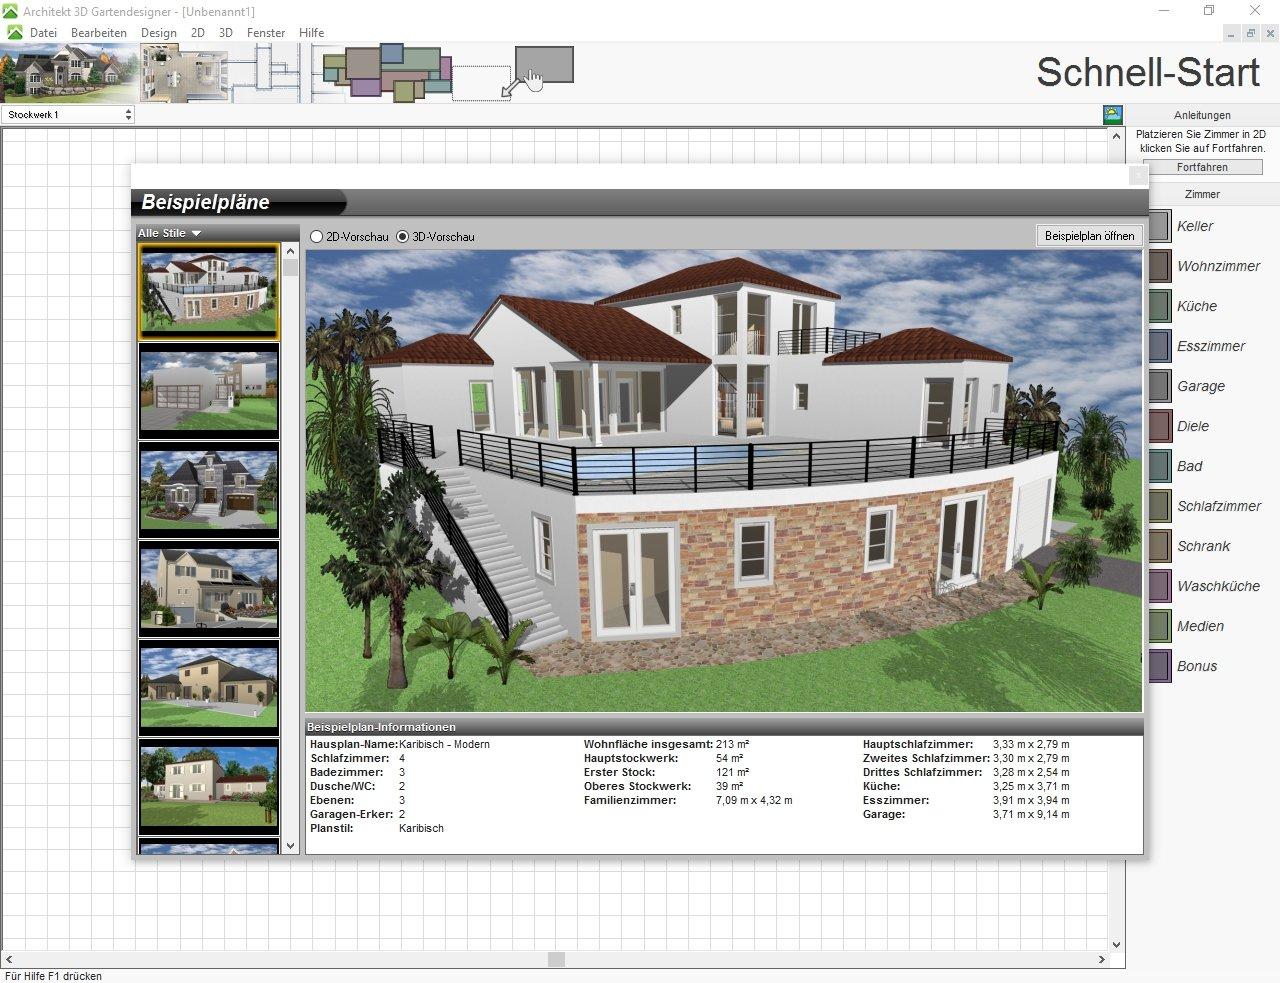 Architekt 3d X8 Gartendesigner Amazonde Software